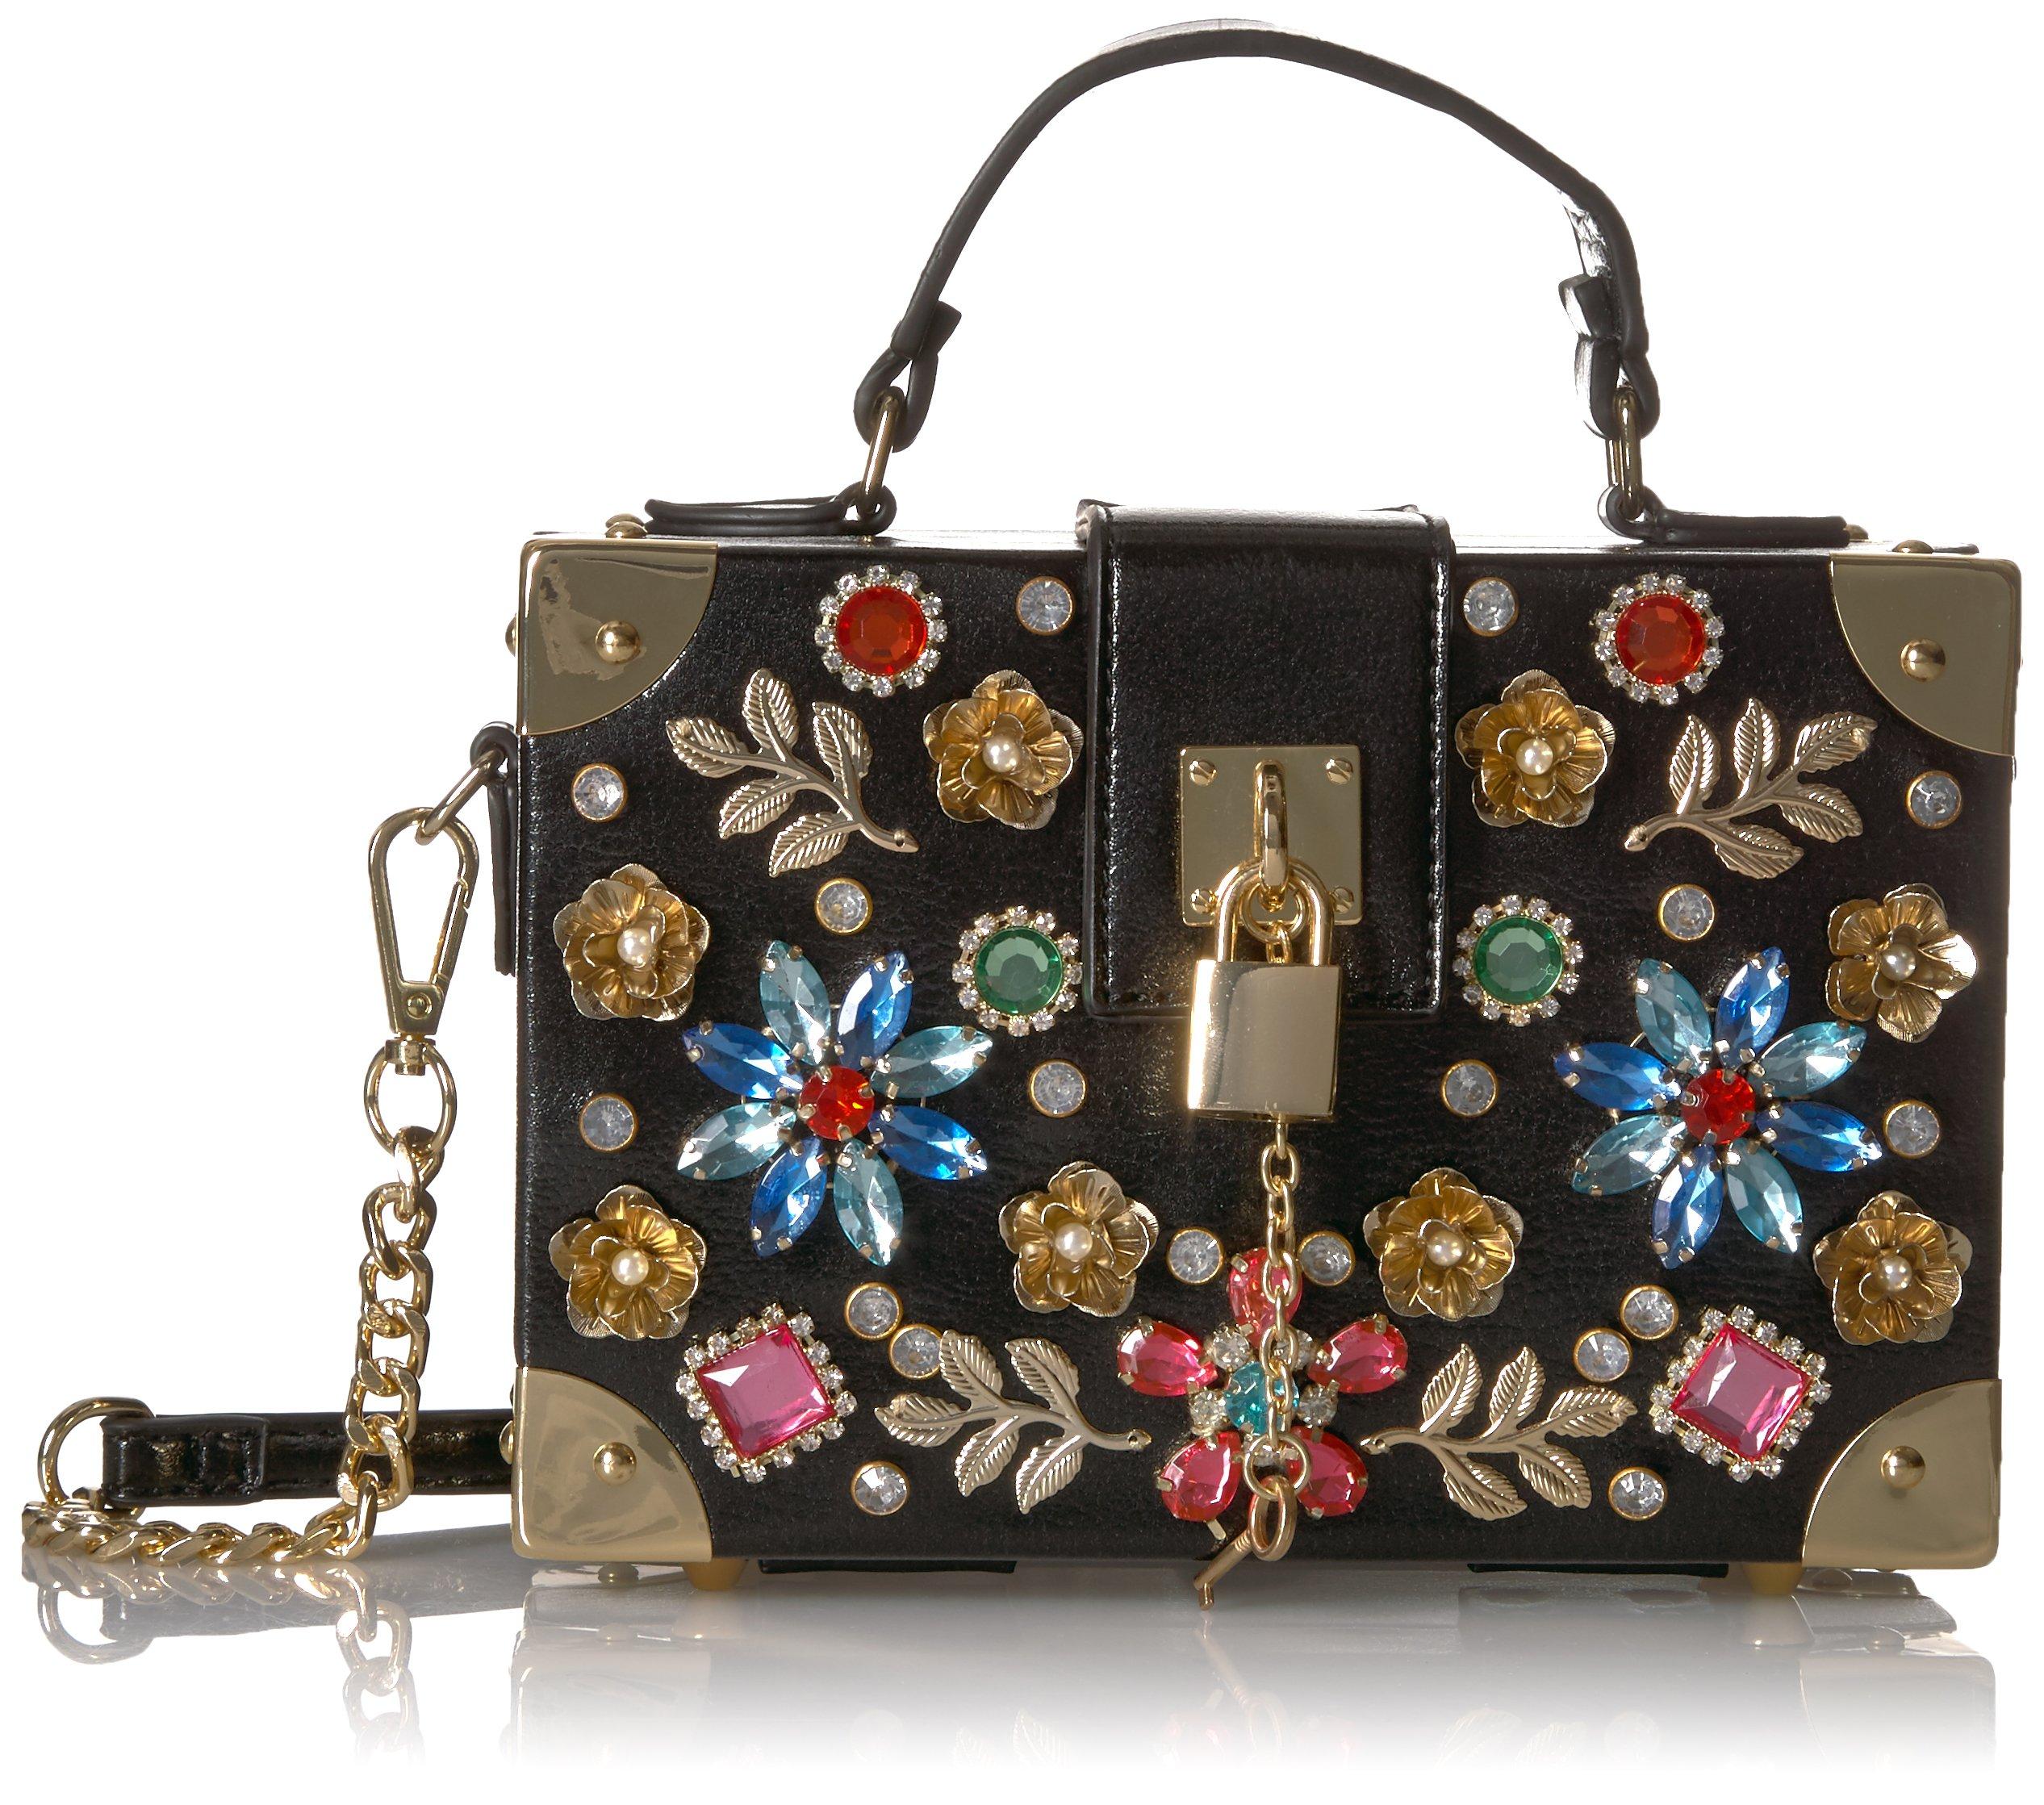 Aldo Top Handle Handbags